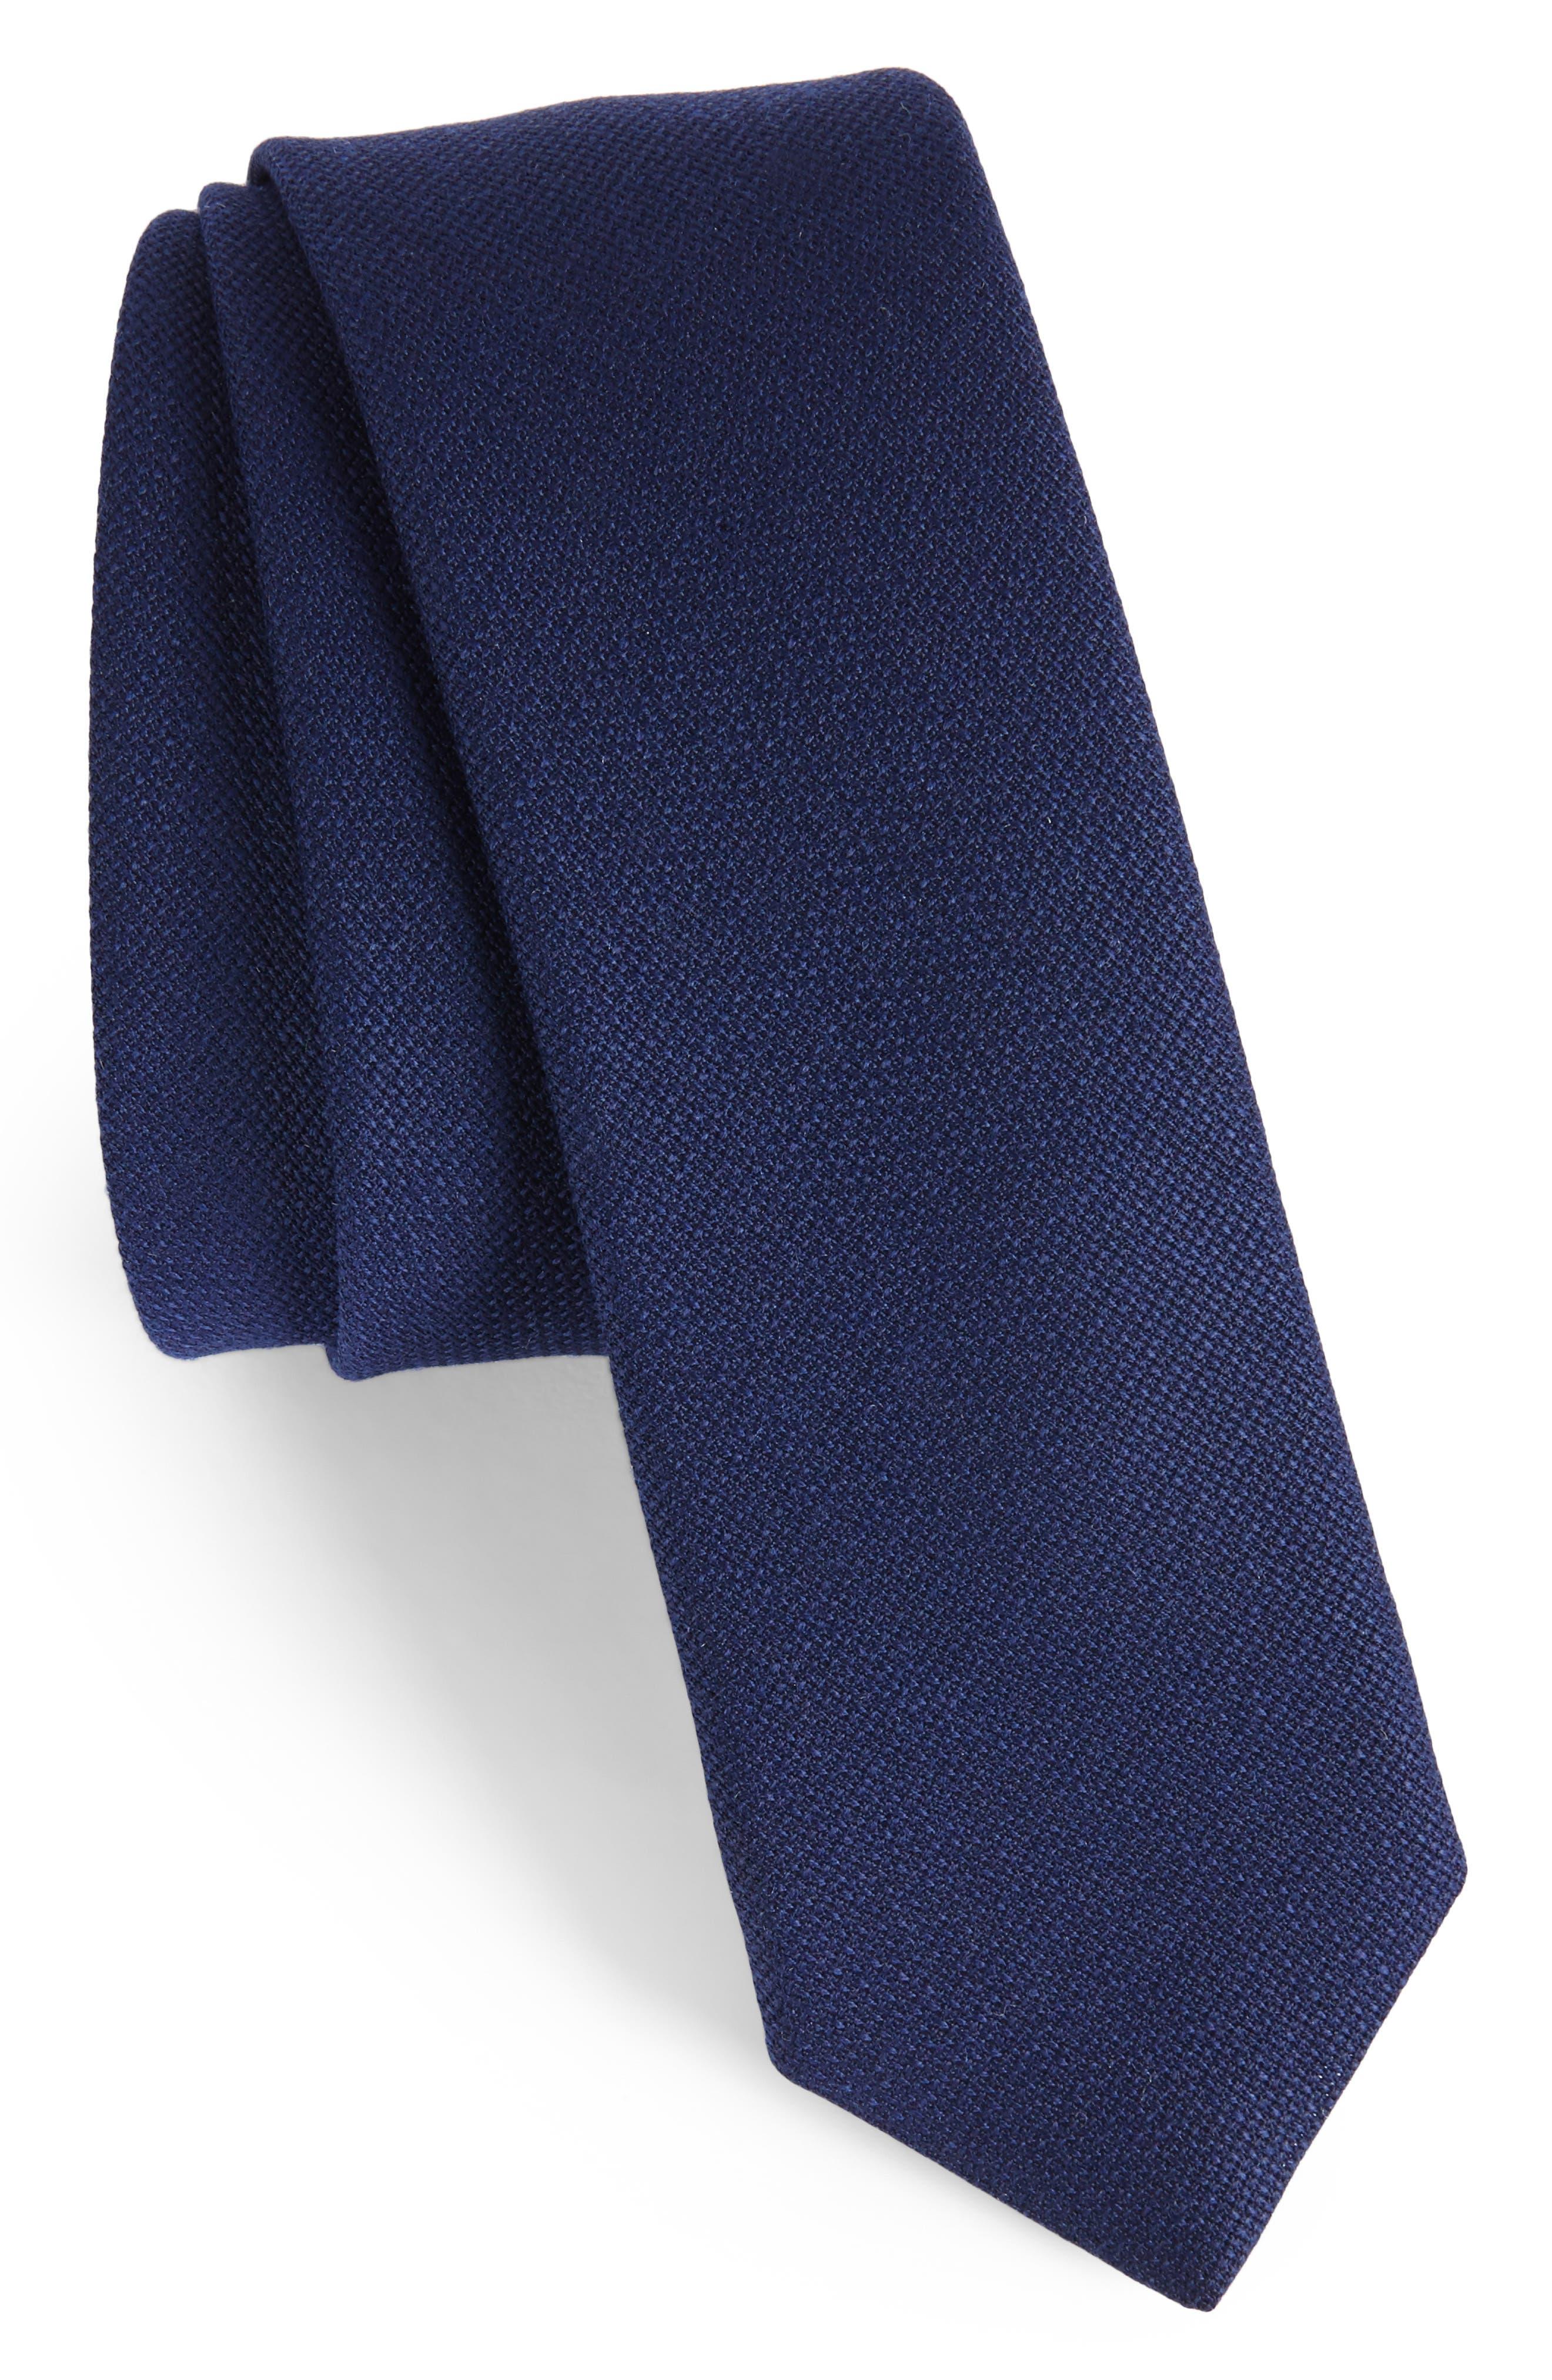 Marled Wool Skinny Tie,                         Main,                         color, 410